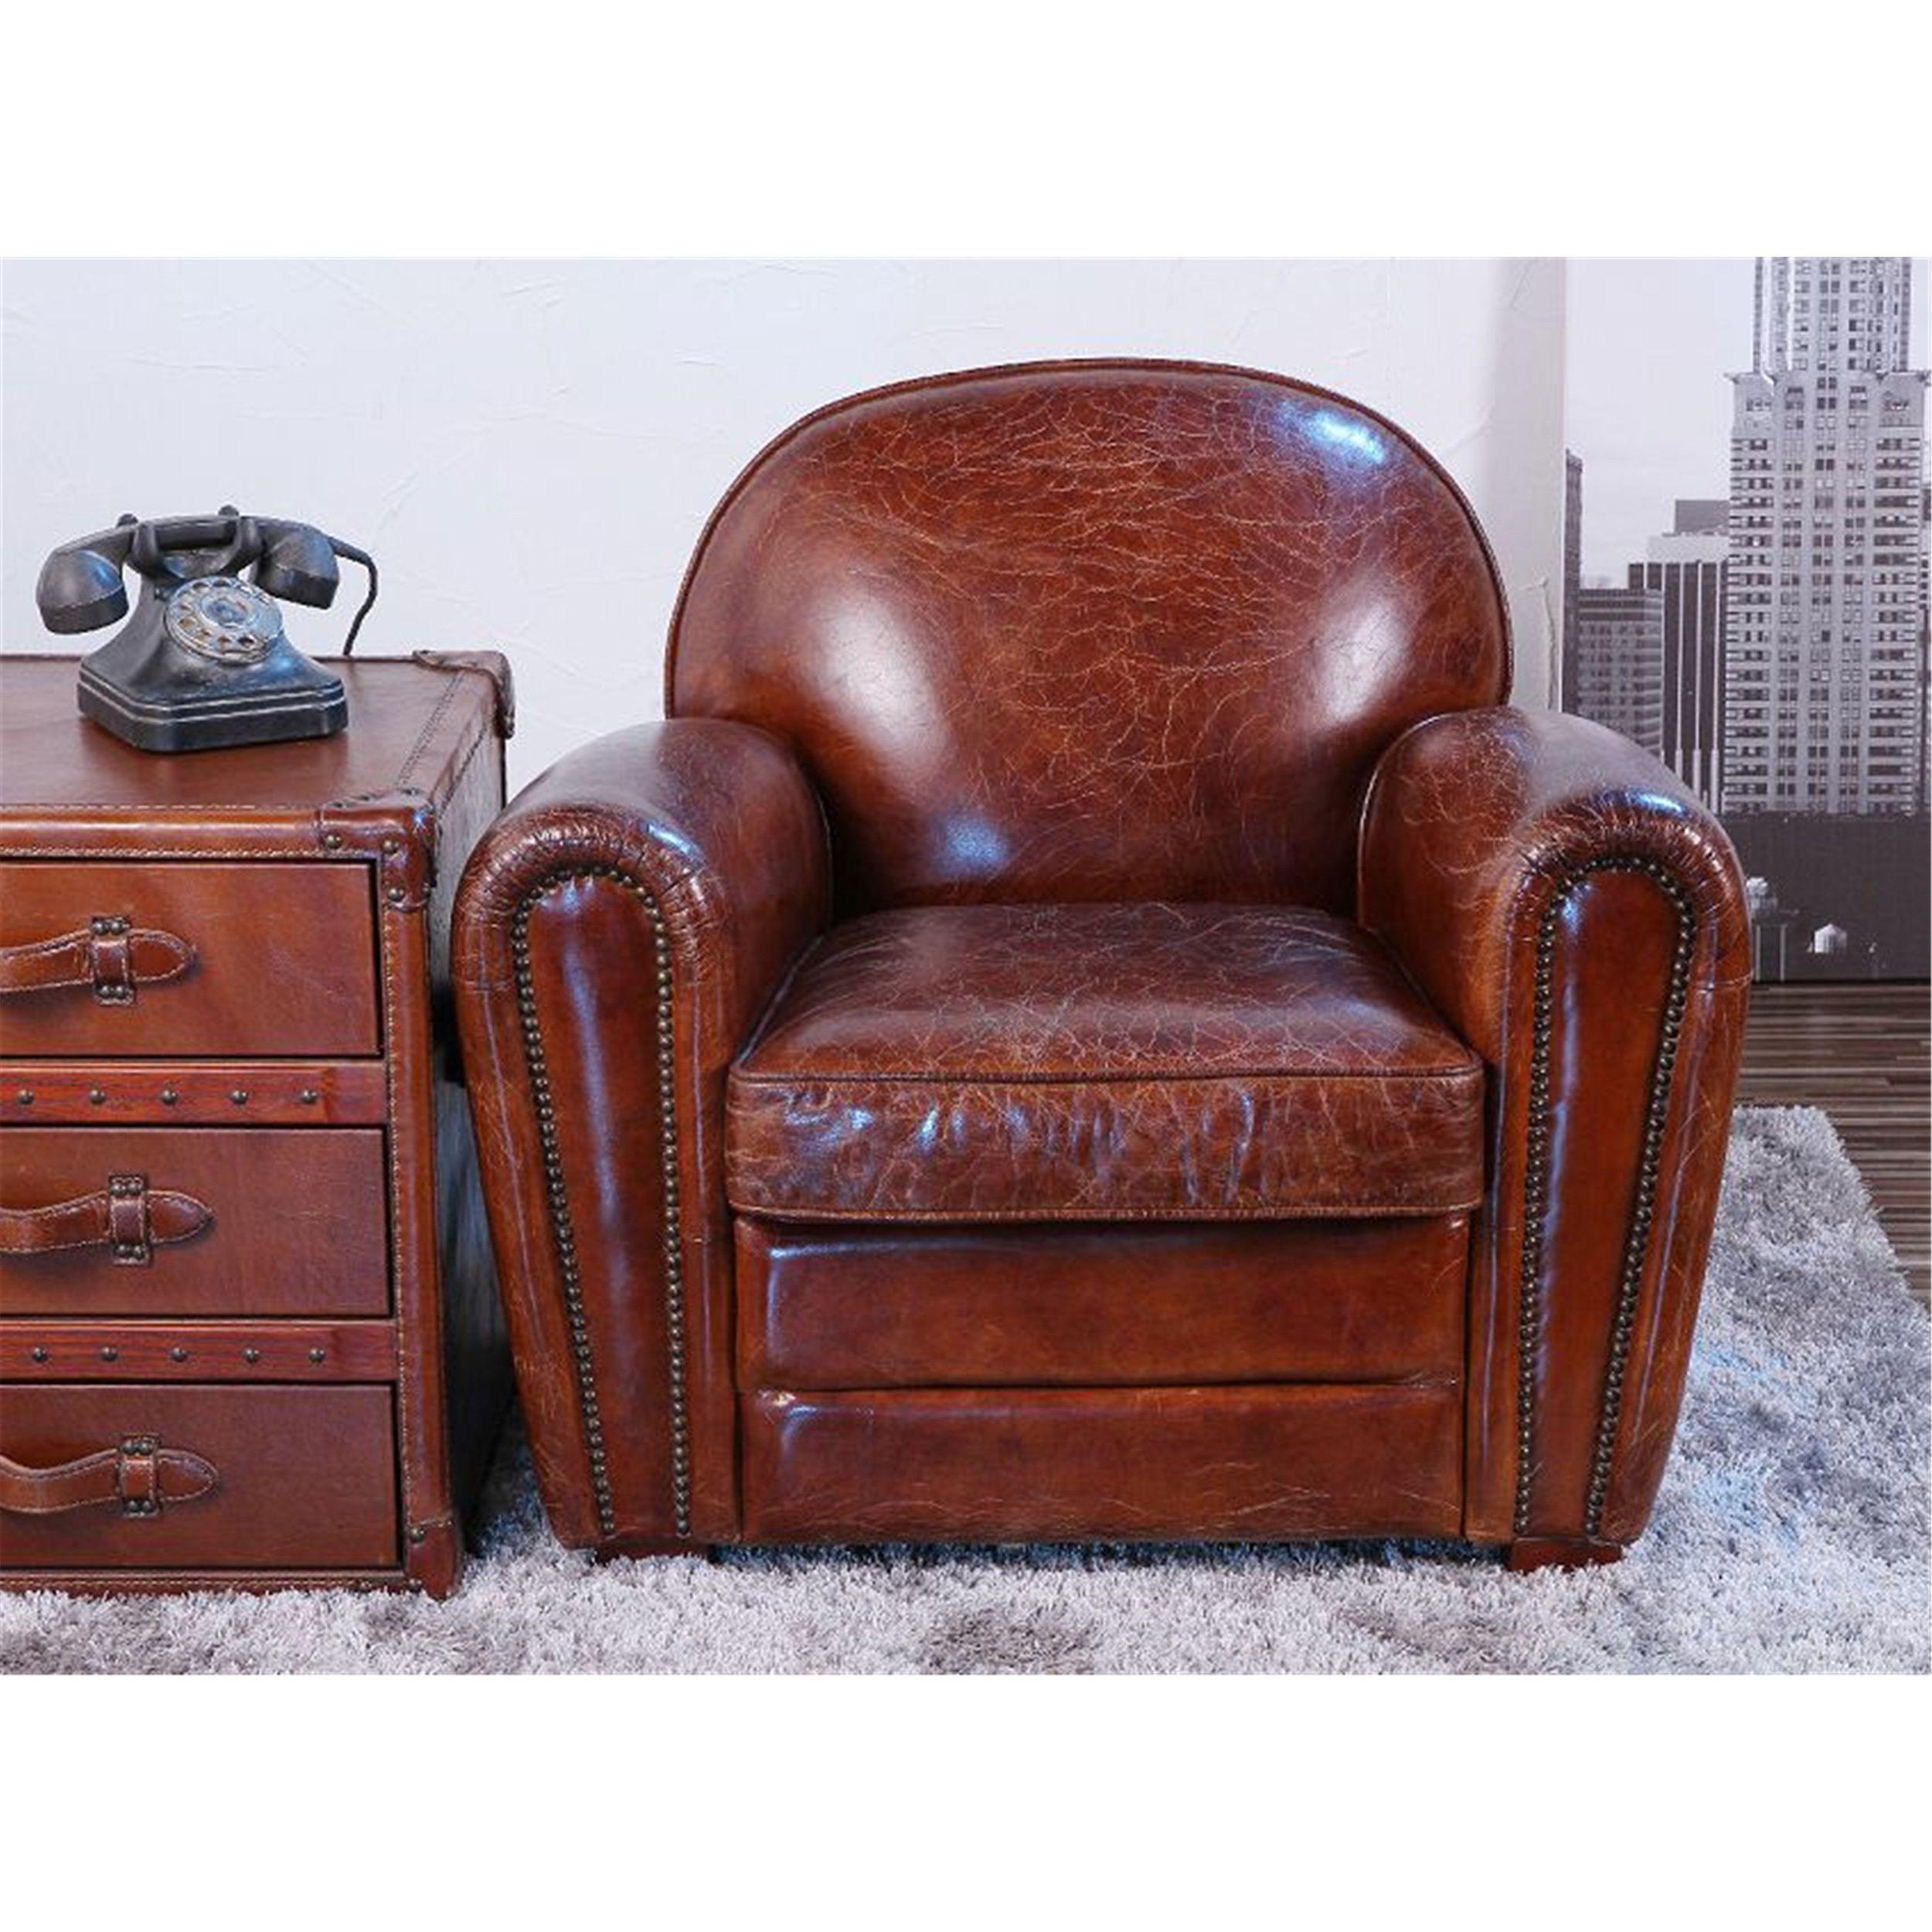 Wondrous Pasargad Home Genuine Leather Paris Club Chair Vintage Spiritservingveterans Wood Chair Design Ideas Spiritservingveteransorg